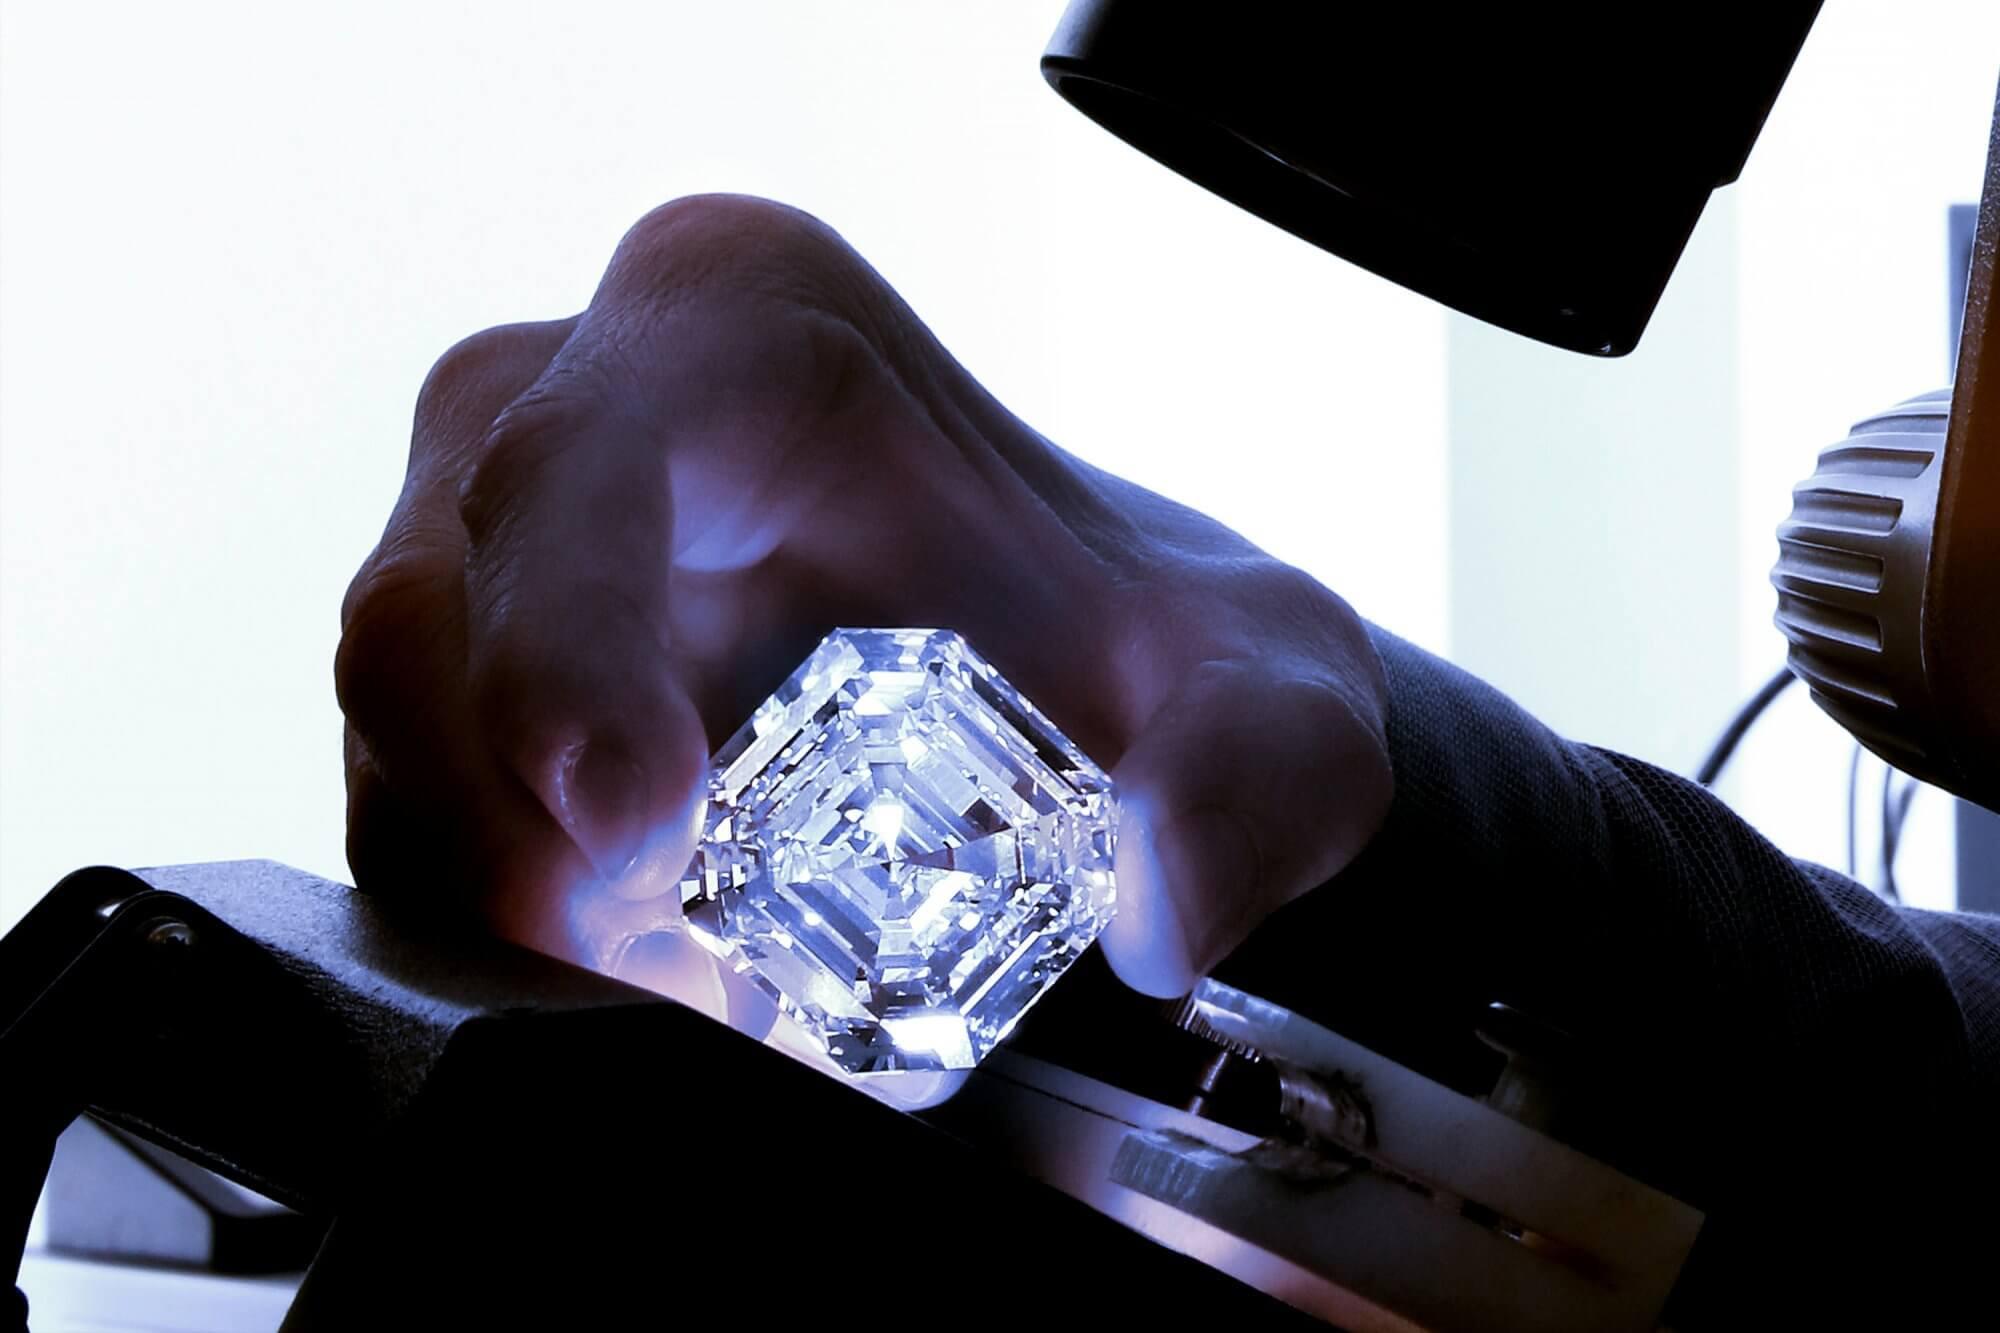 Maior diamante de corte esmeralda do mundo está à venda... mas sem preço